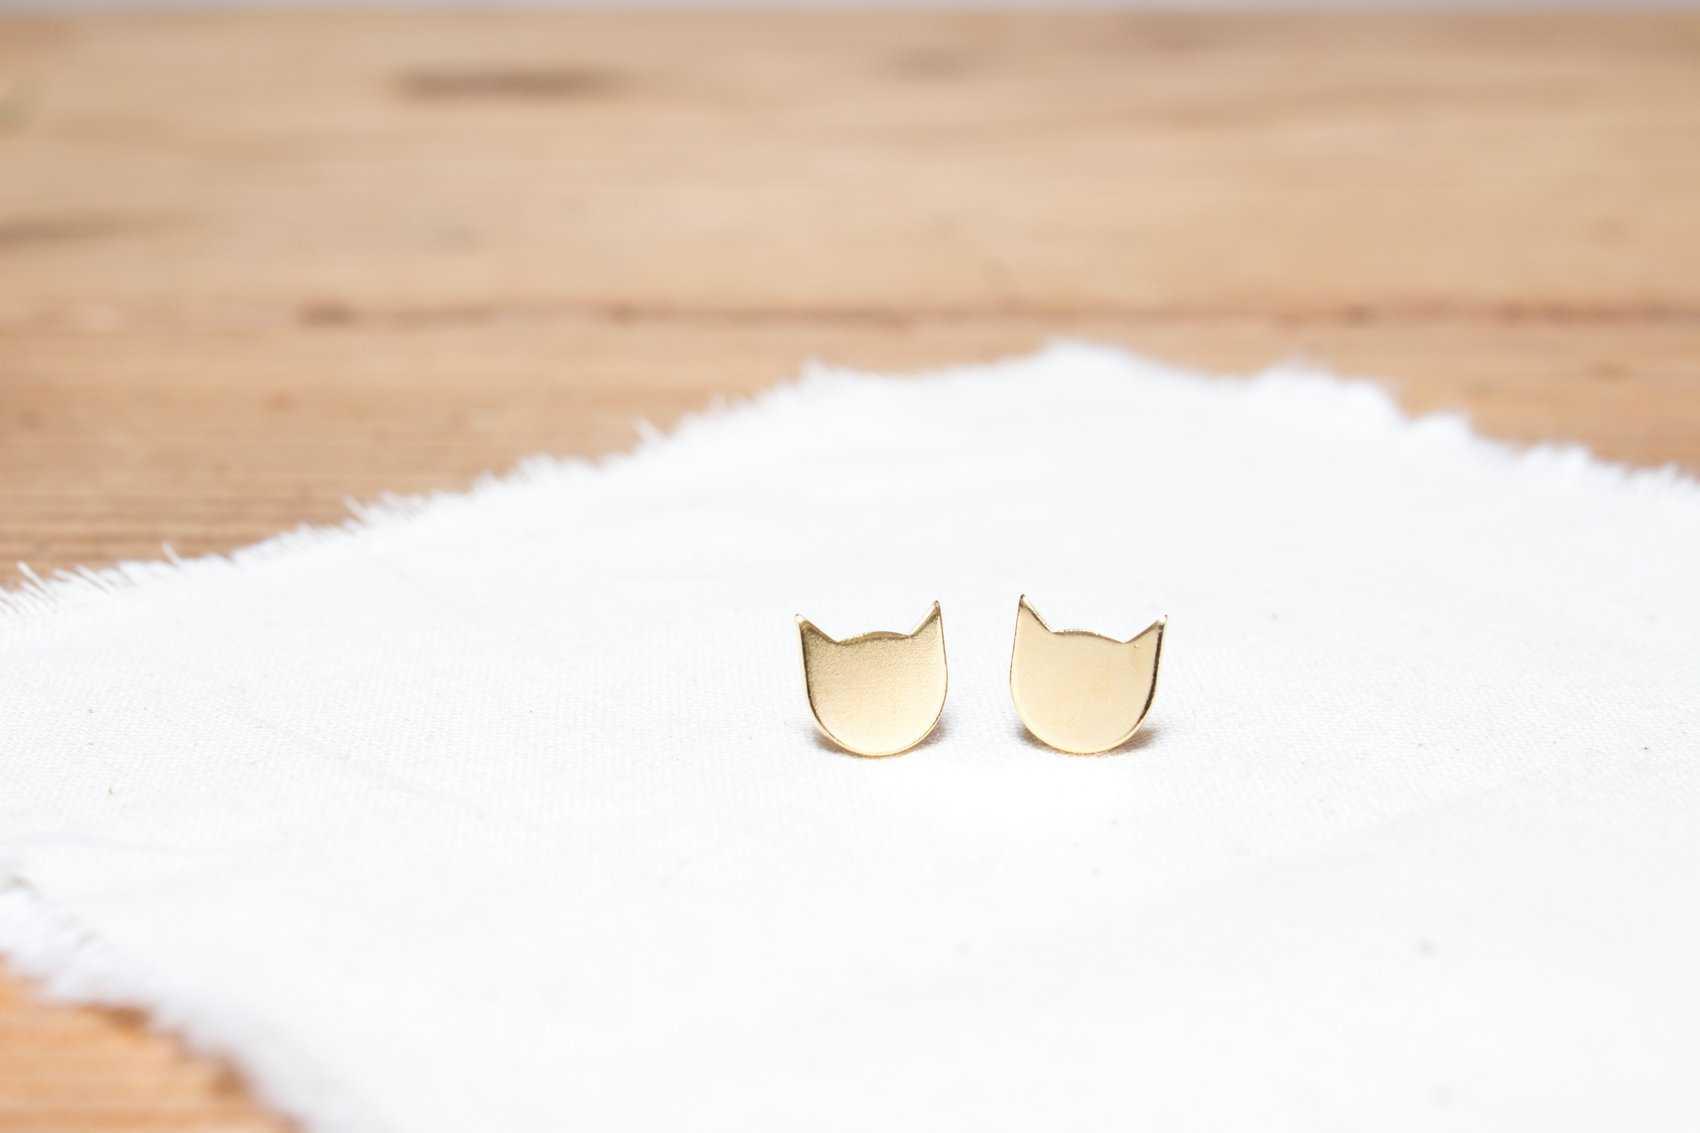 Miau Pendientes/Earrings